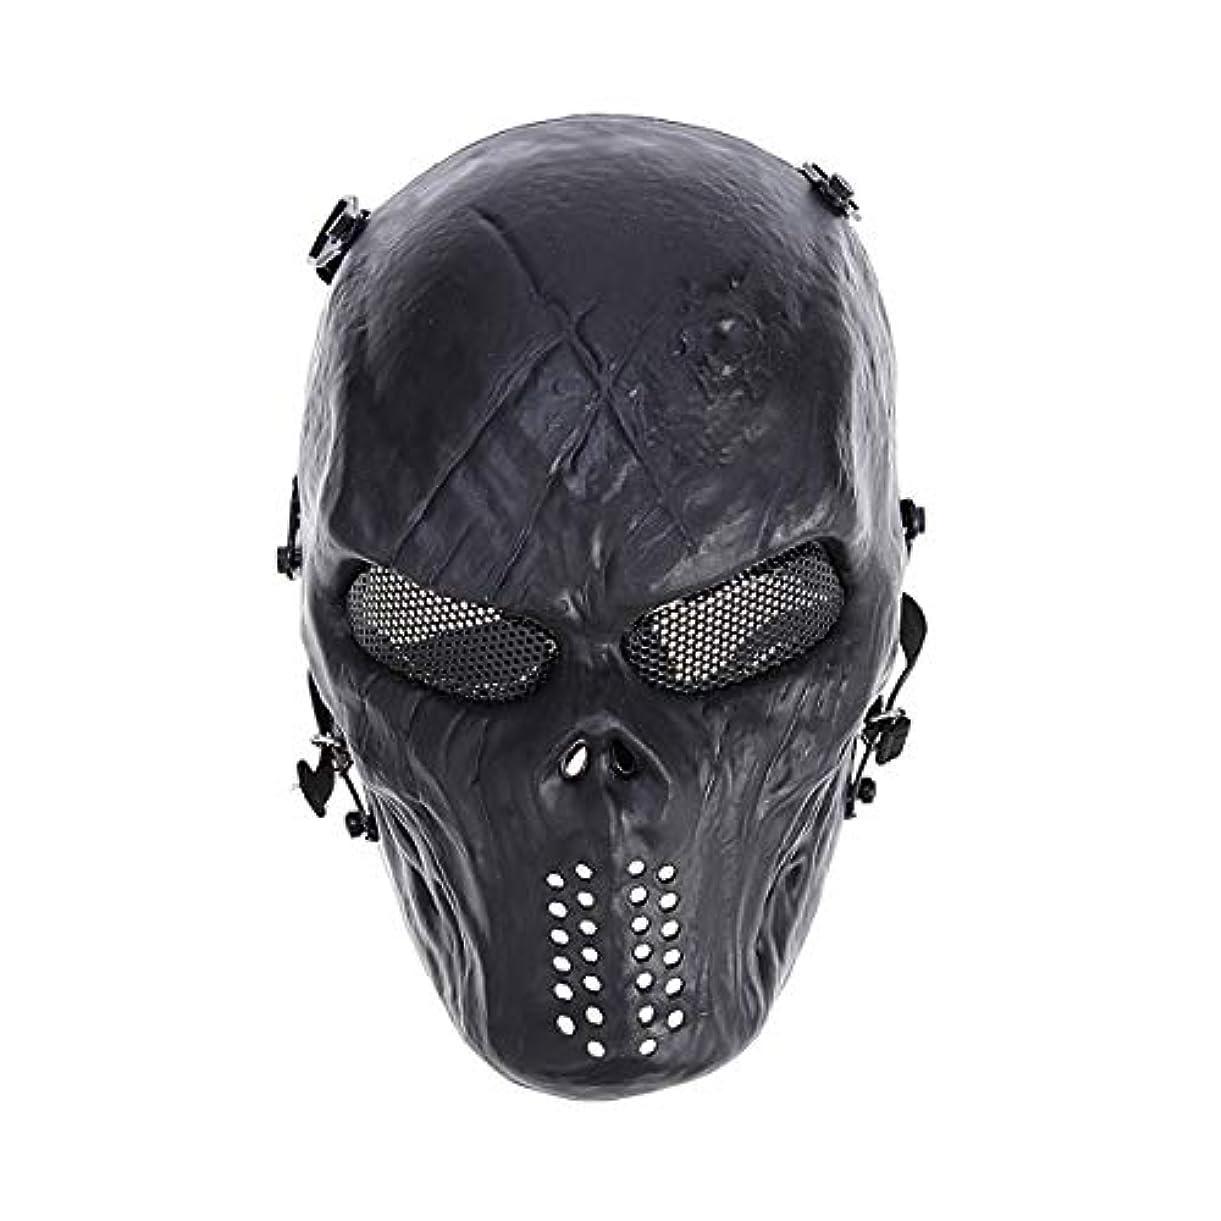 メンタリティ偏差会計士VORCOOL CSフィールドマスクハロウィンパーティーコスチュームマスク調整可能な戦術マスク戦闘保護顔耳保護征服マスク(黒)